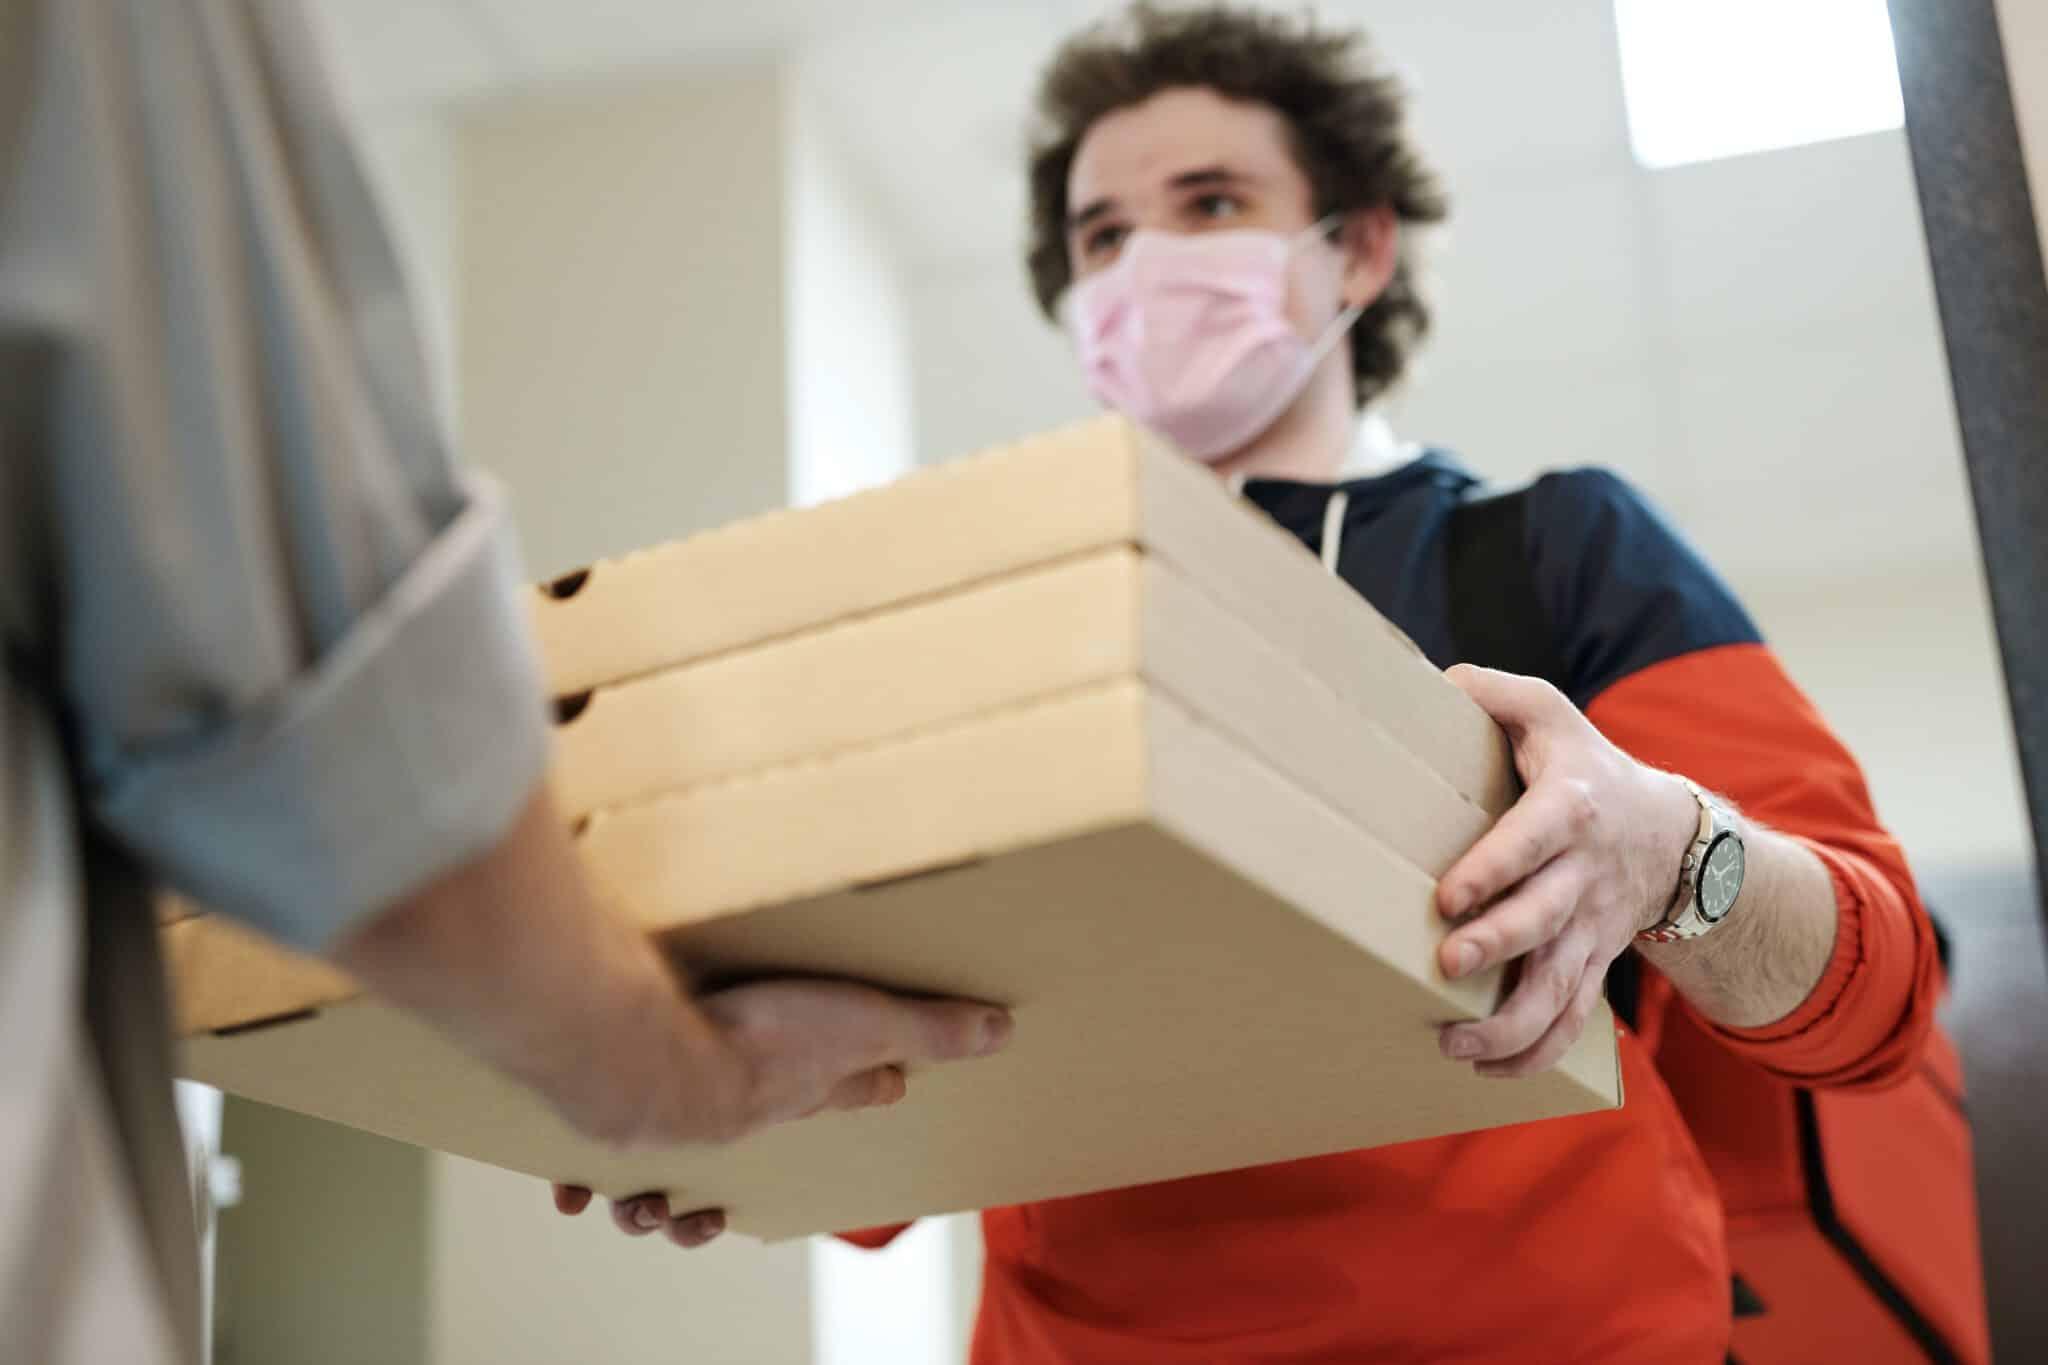 Na zdjęciu dostawa jedzenia - dostawca wręcza zamówione jedzenie